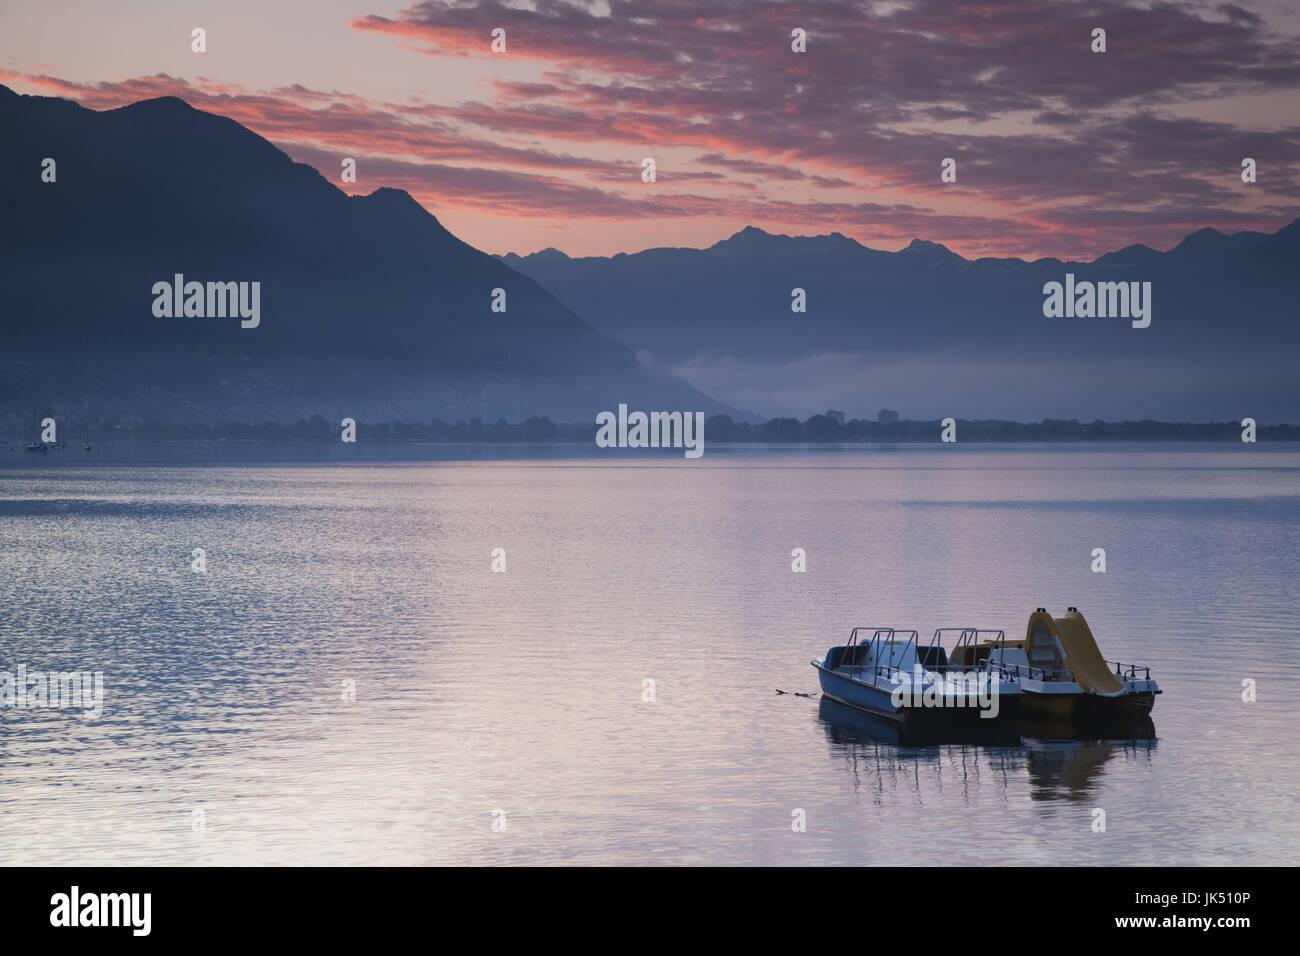 Switzerland, Ticino, Lake Maggiore, Locarno, lakefront, dawn - Stock Image